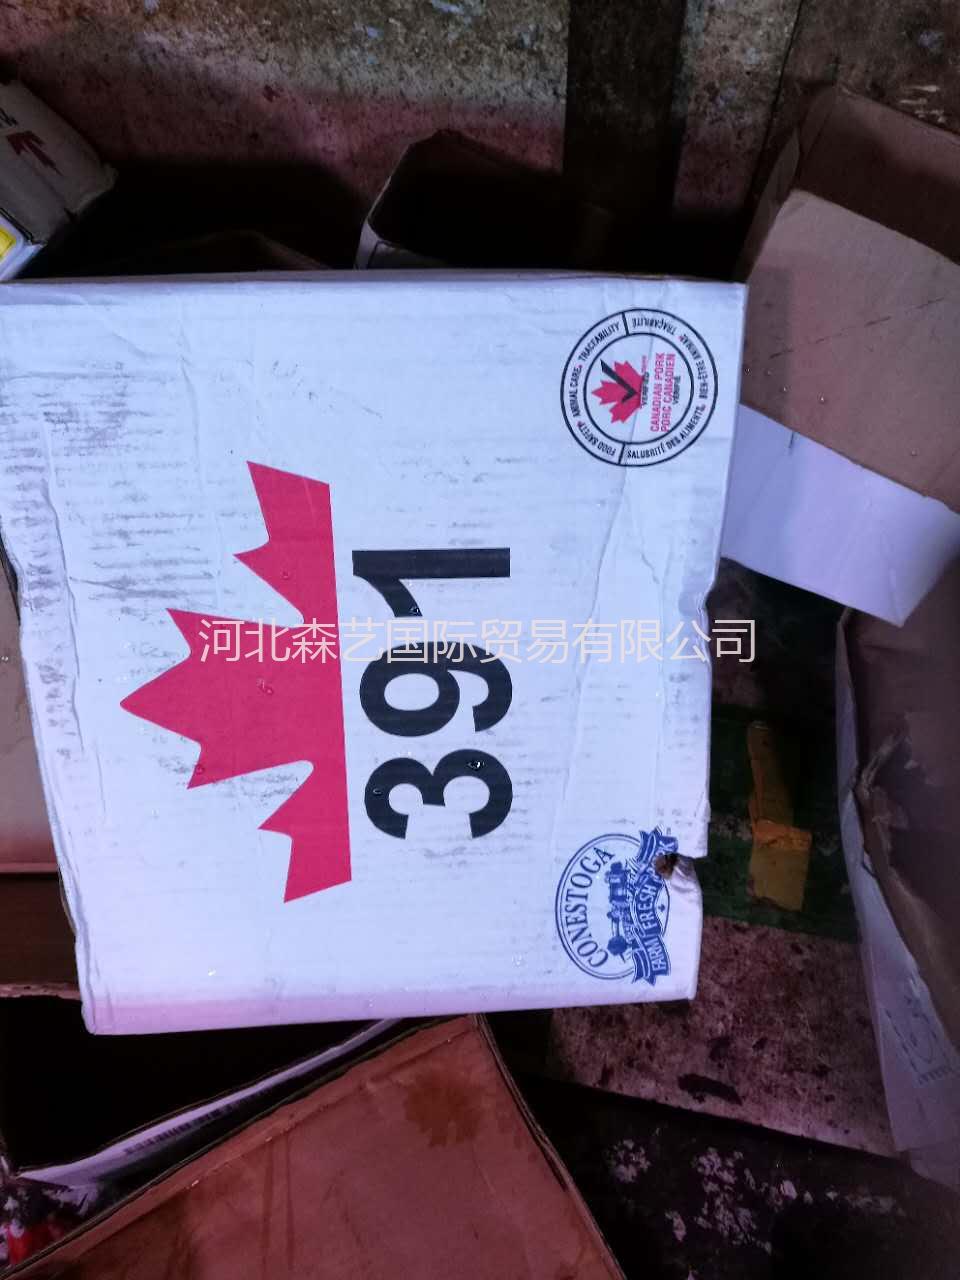 供应 进口猪手脚 冷冻猪手脚 加拿大391厂猪脚 货源充足 颜色好